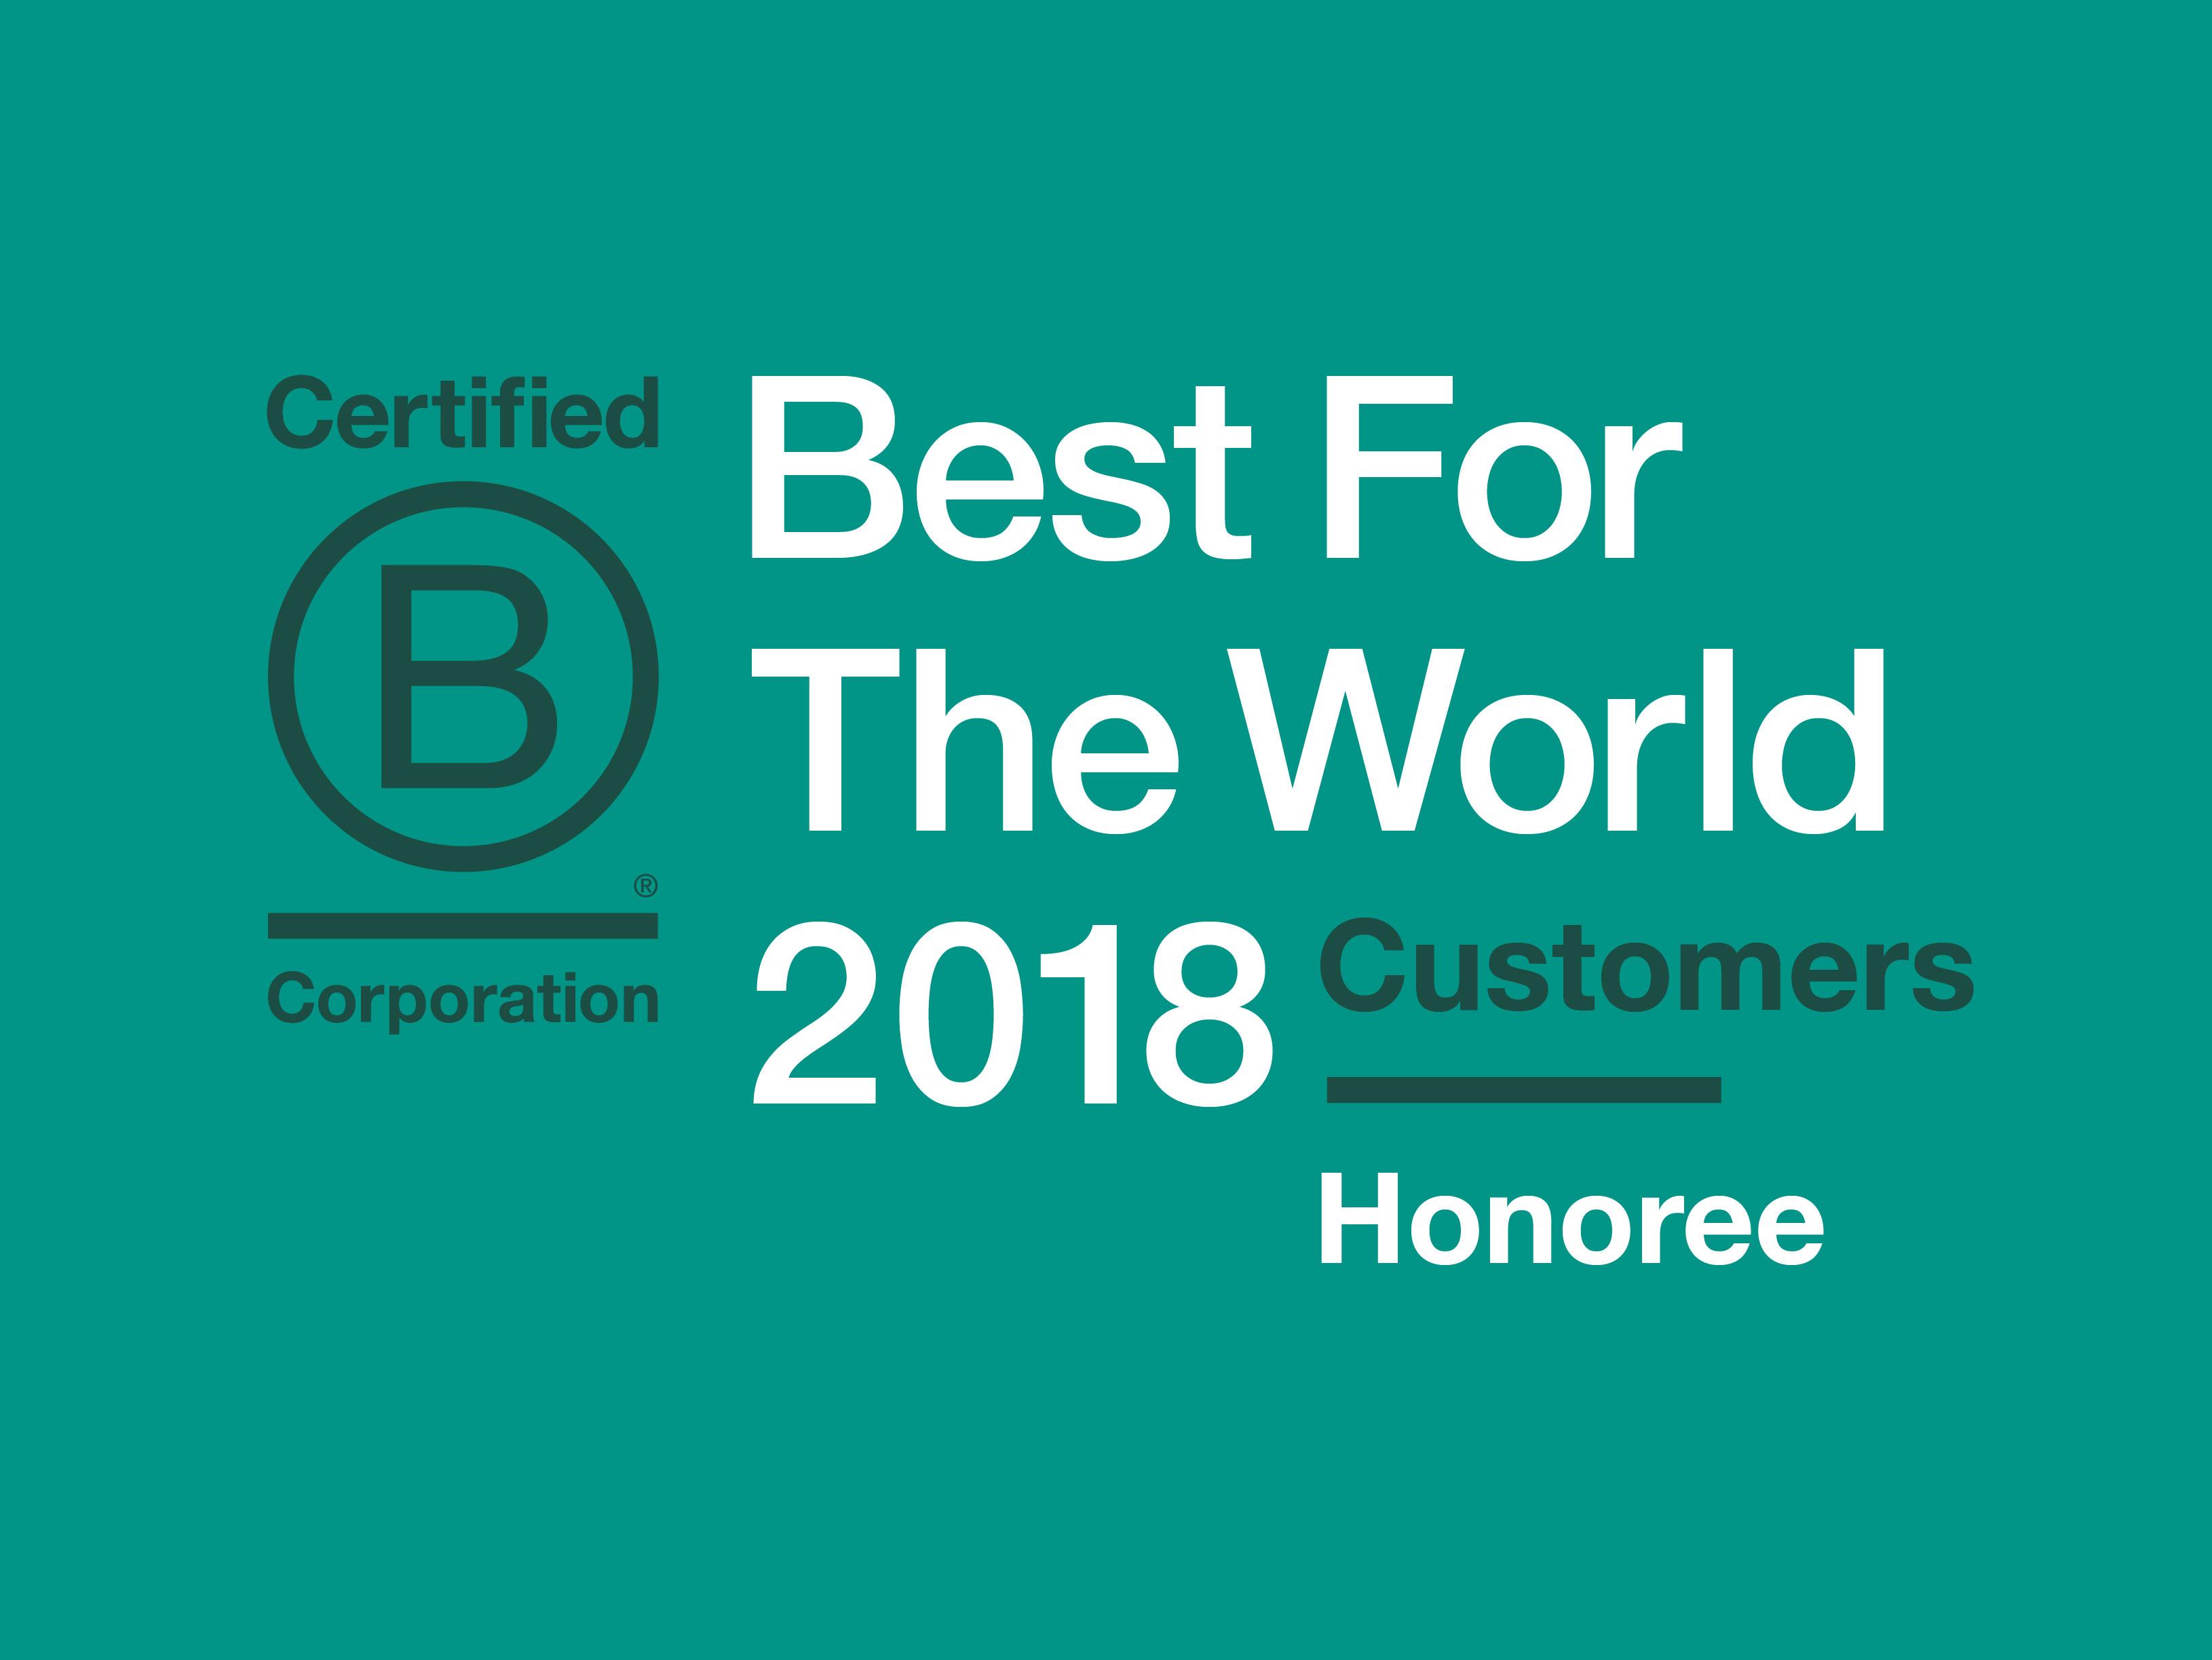 BAU Accesibilidad está en el Top 10% de Mejores Empresas B para el mundo